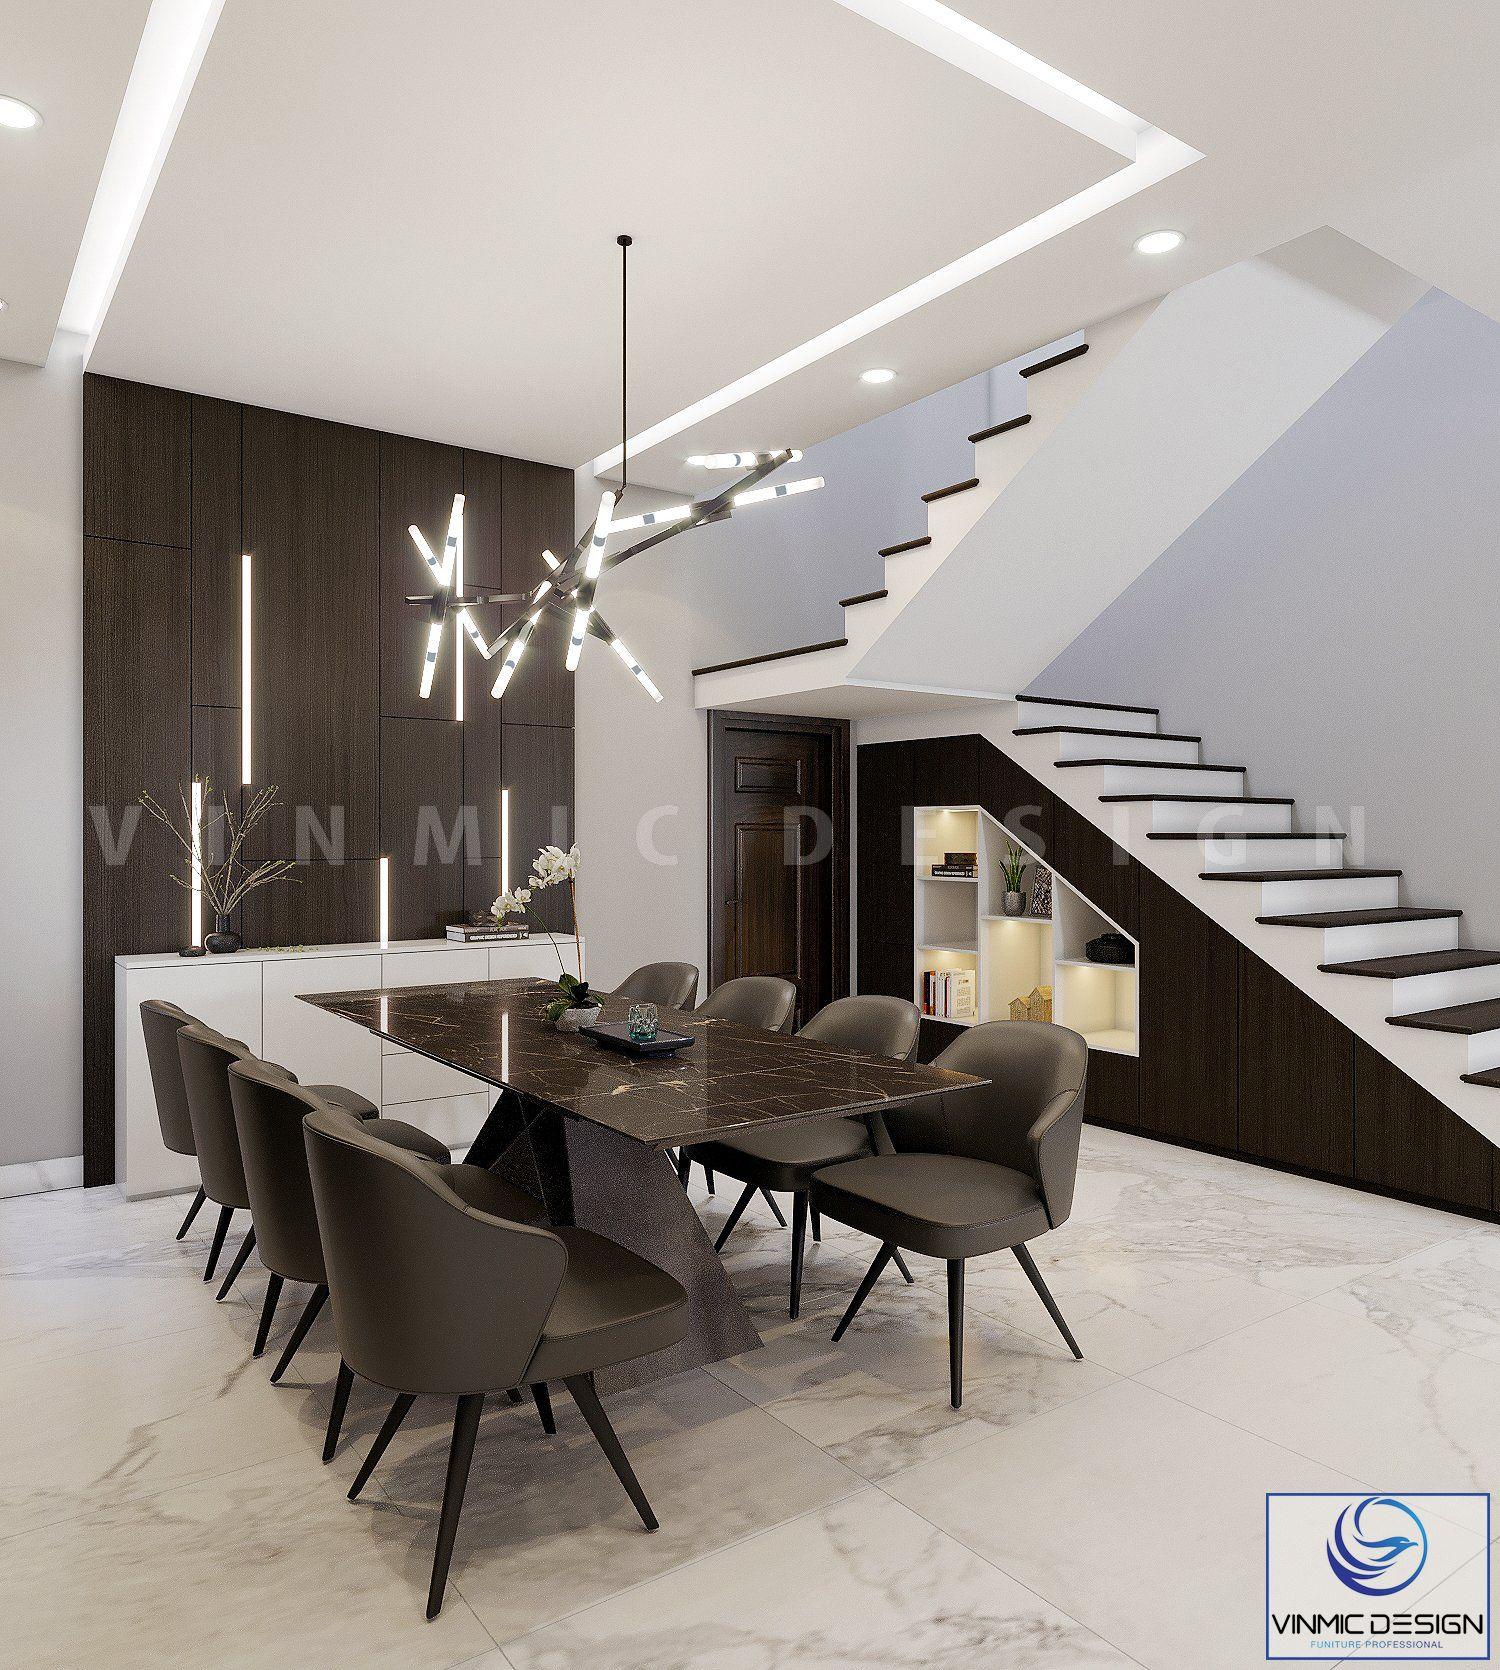 Thiết kế phía chân cầu thang nhằm tăng thêm tính thẩm mỹ